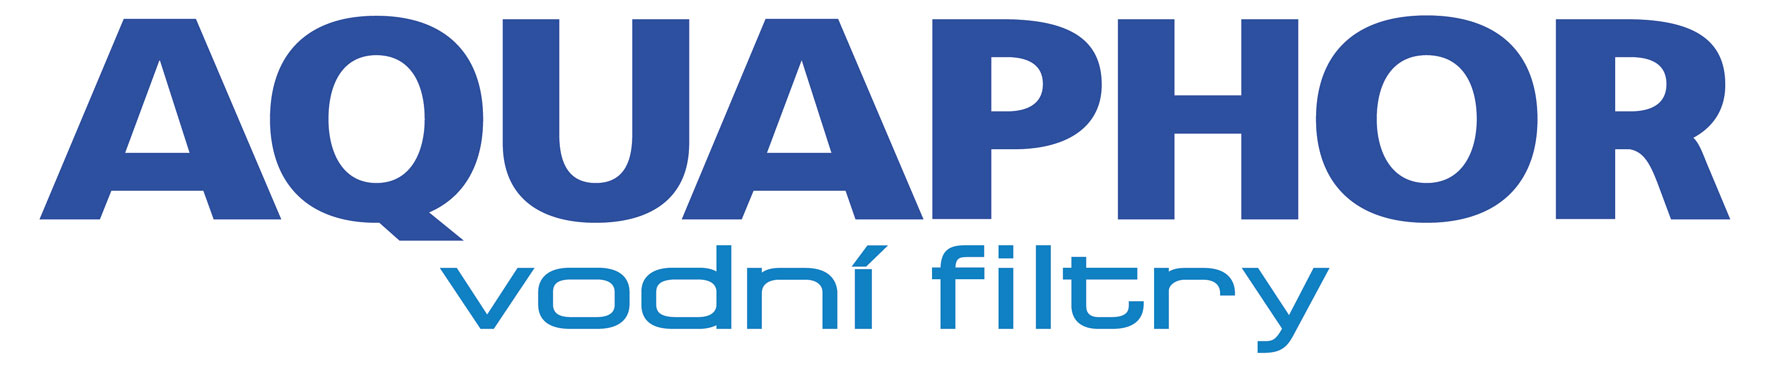 Výrobce vodních filtrů Aquaphor, pro více produktů a informací o této značce klikněte zde.